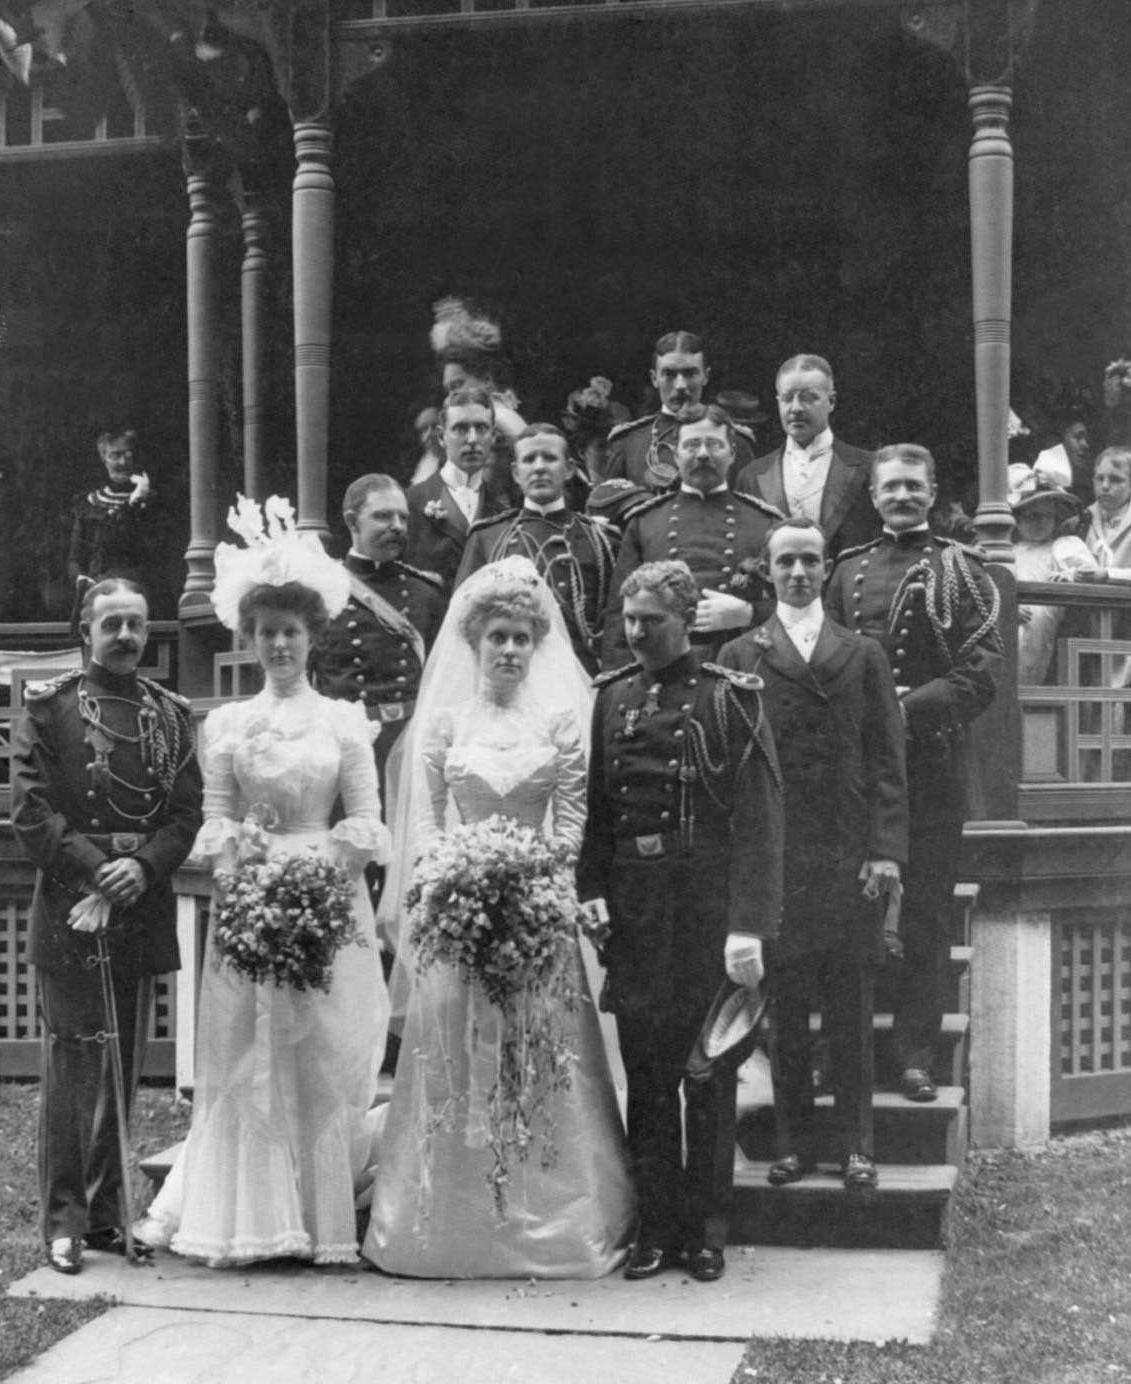 The bridal party at